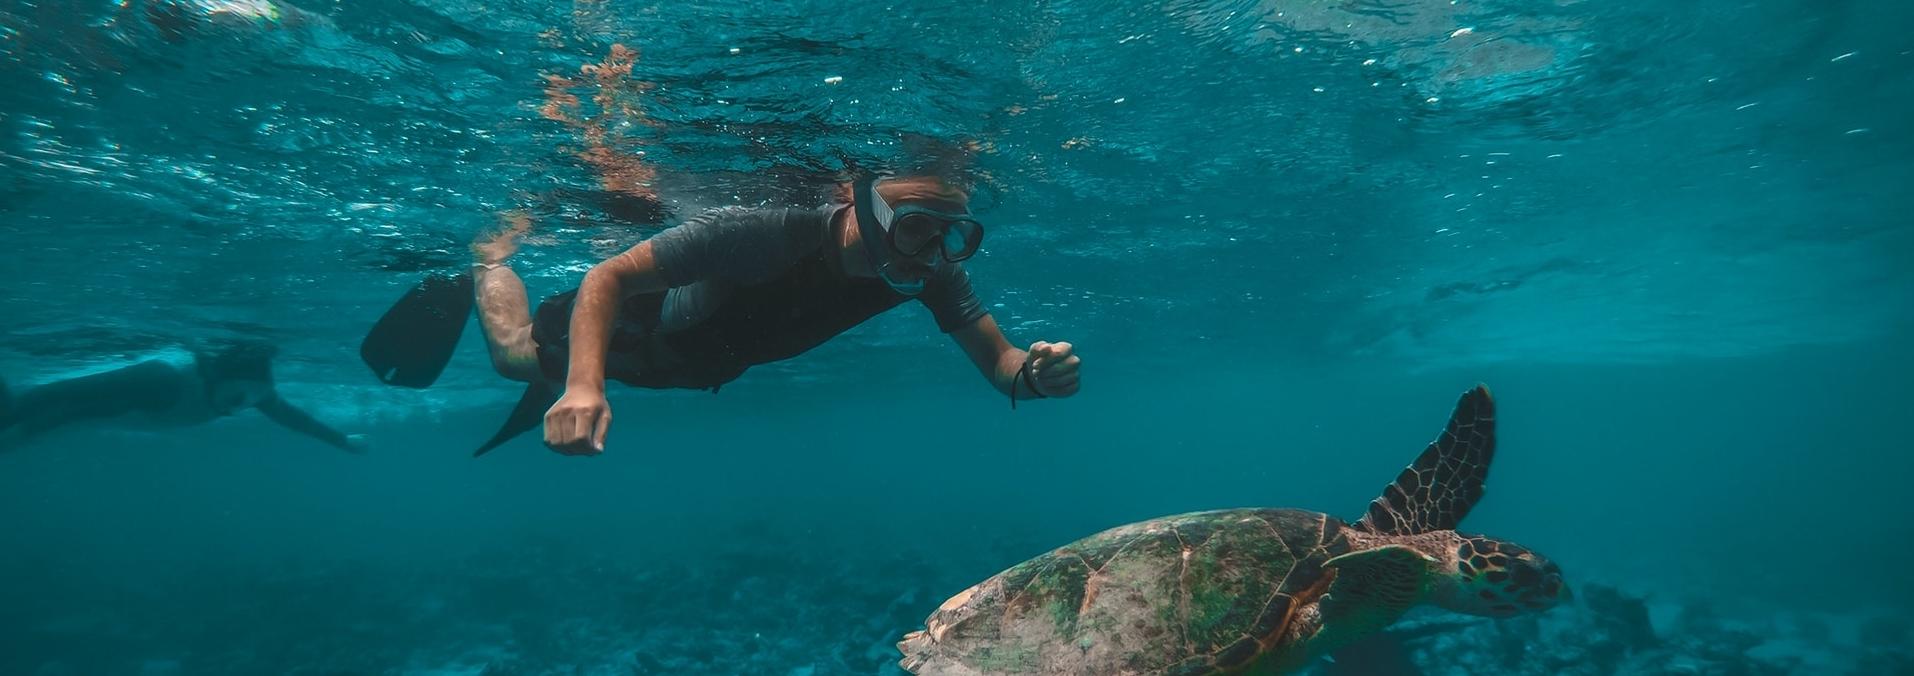 Aquatic Training Internship